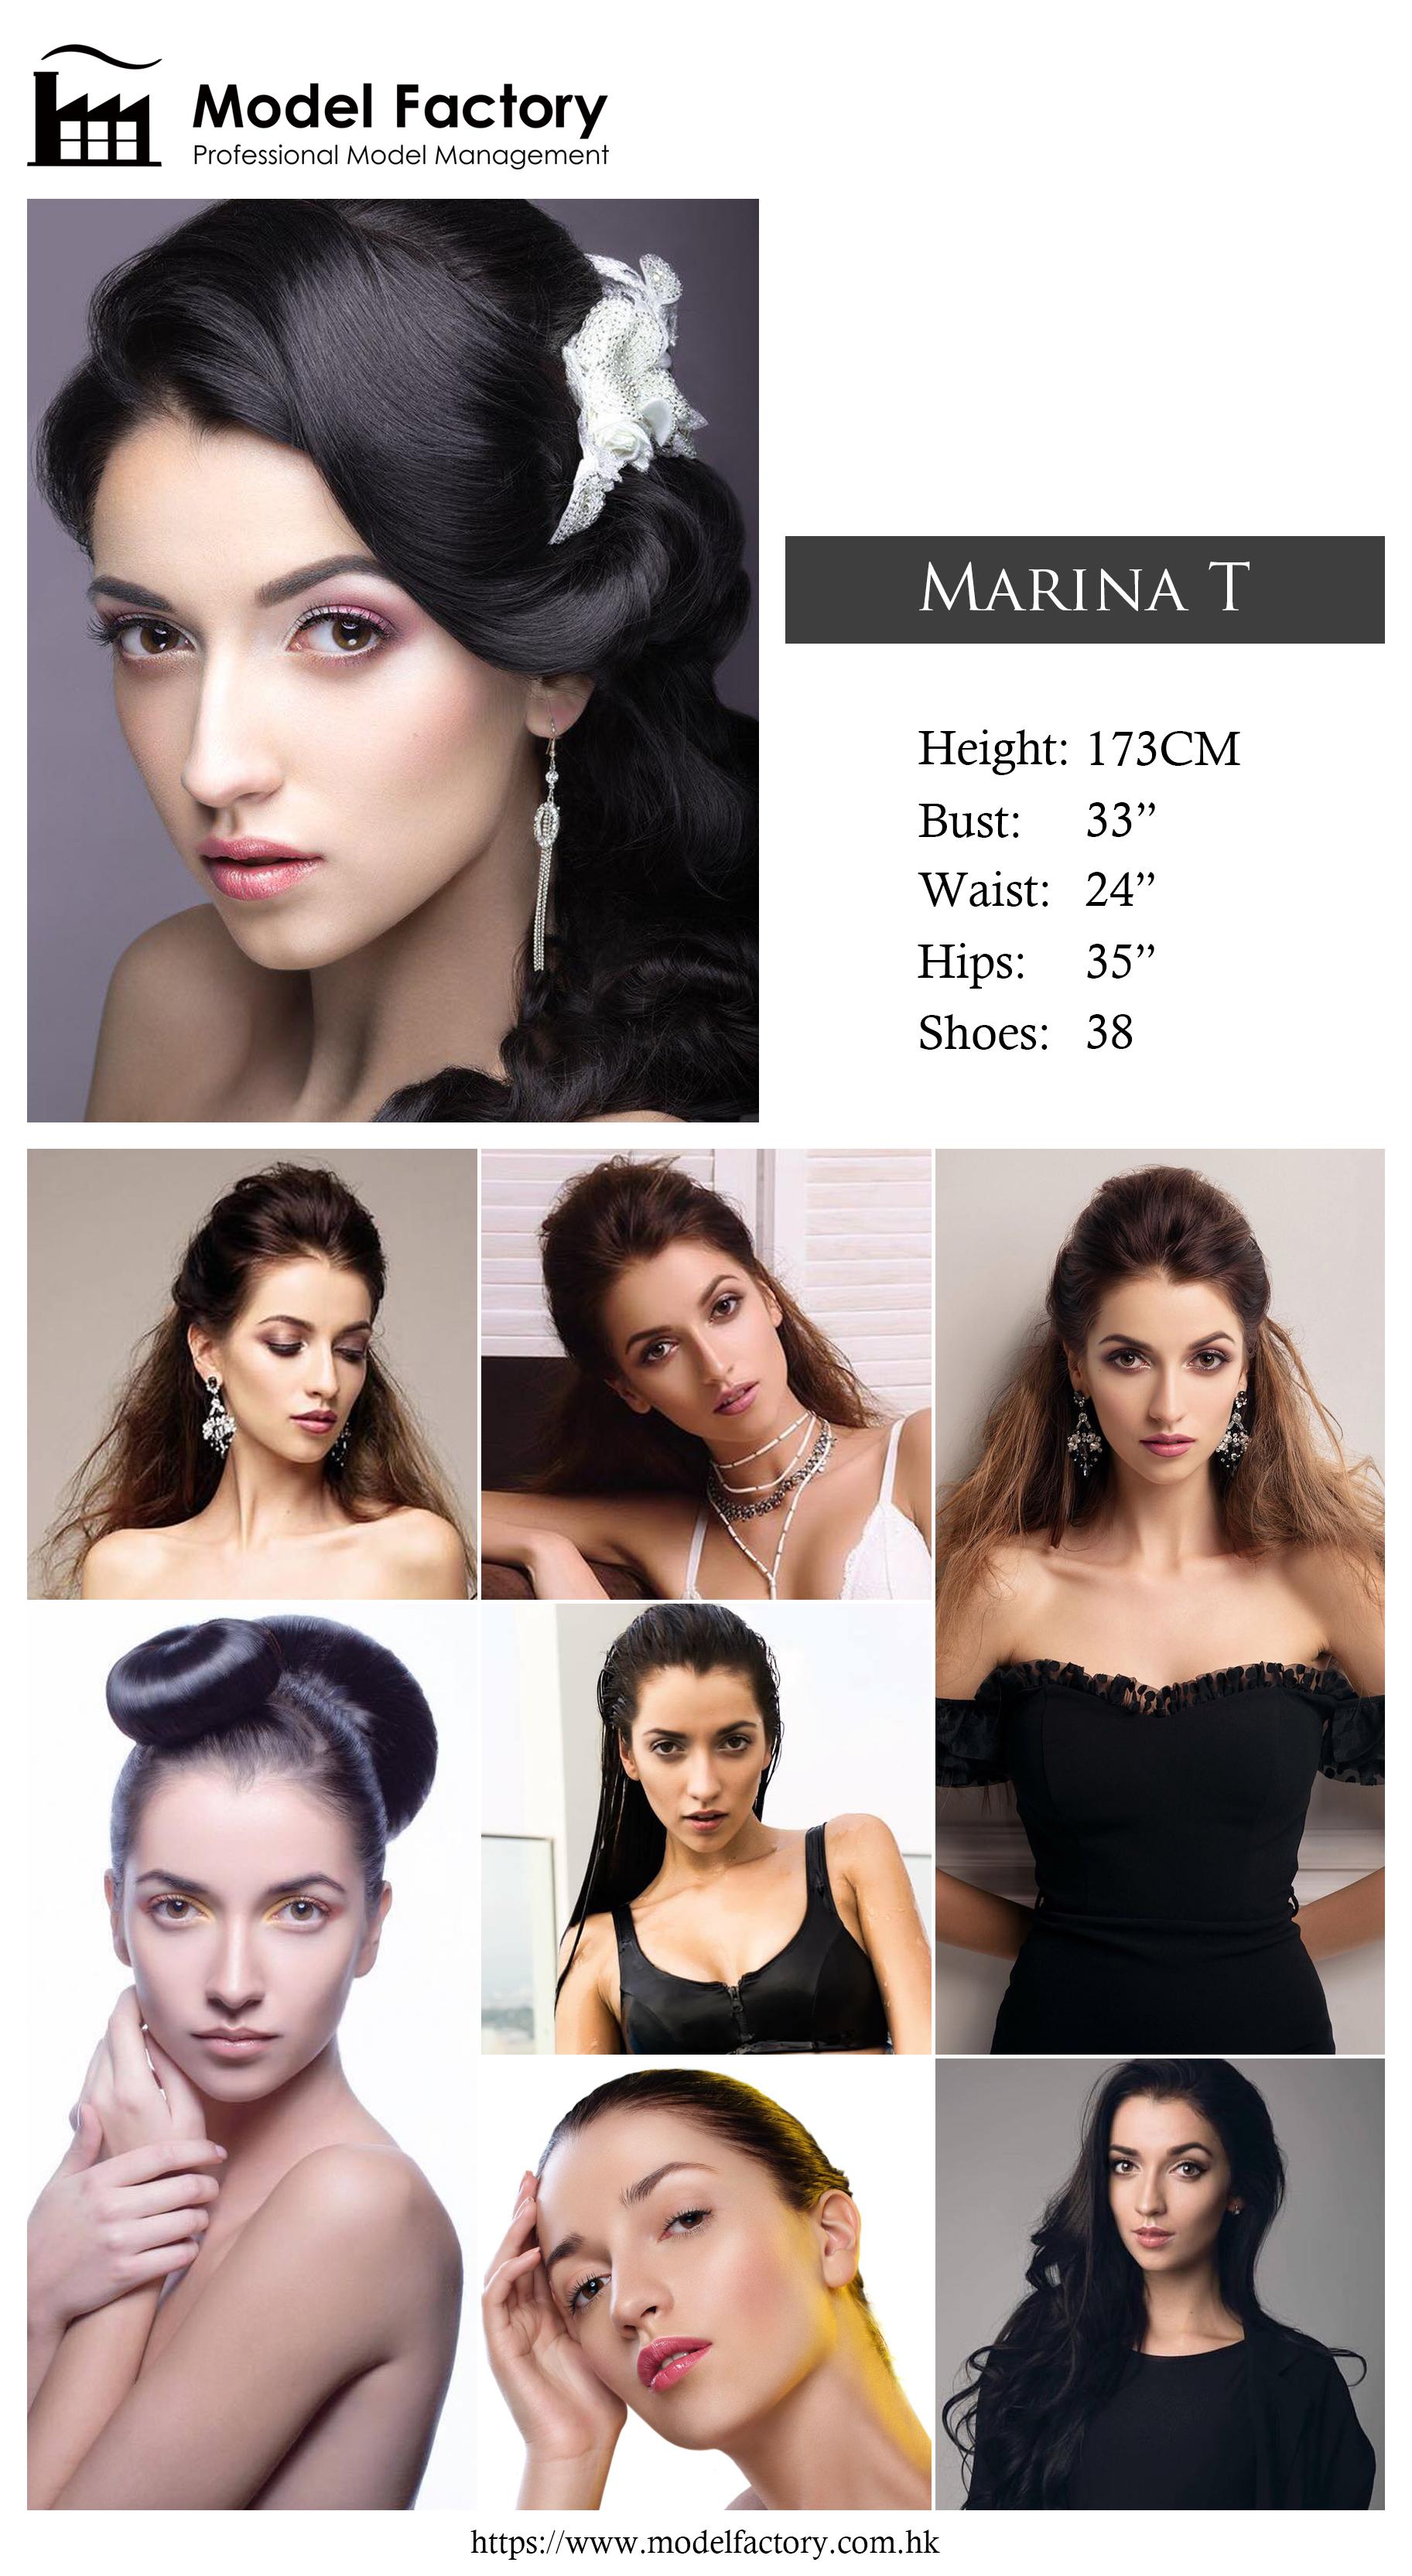 Model Factory Caucasian Female Model MarinaT